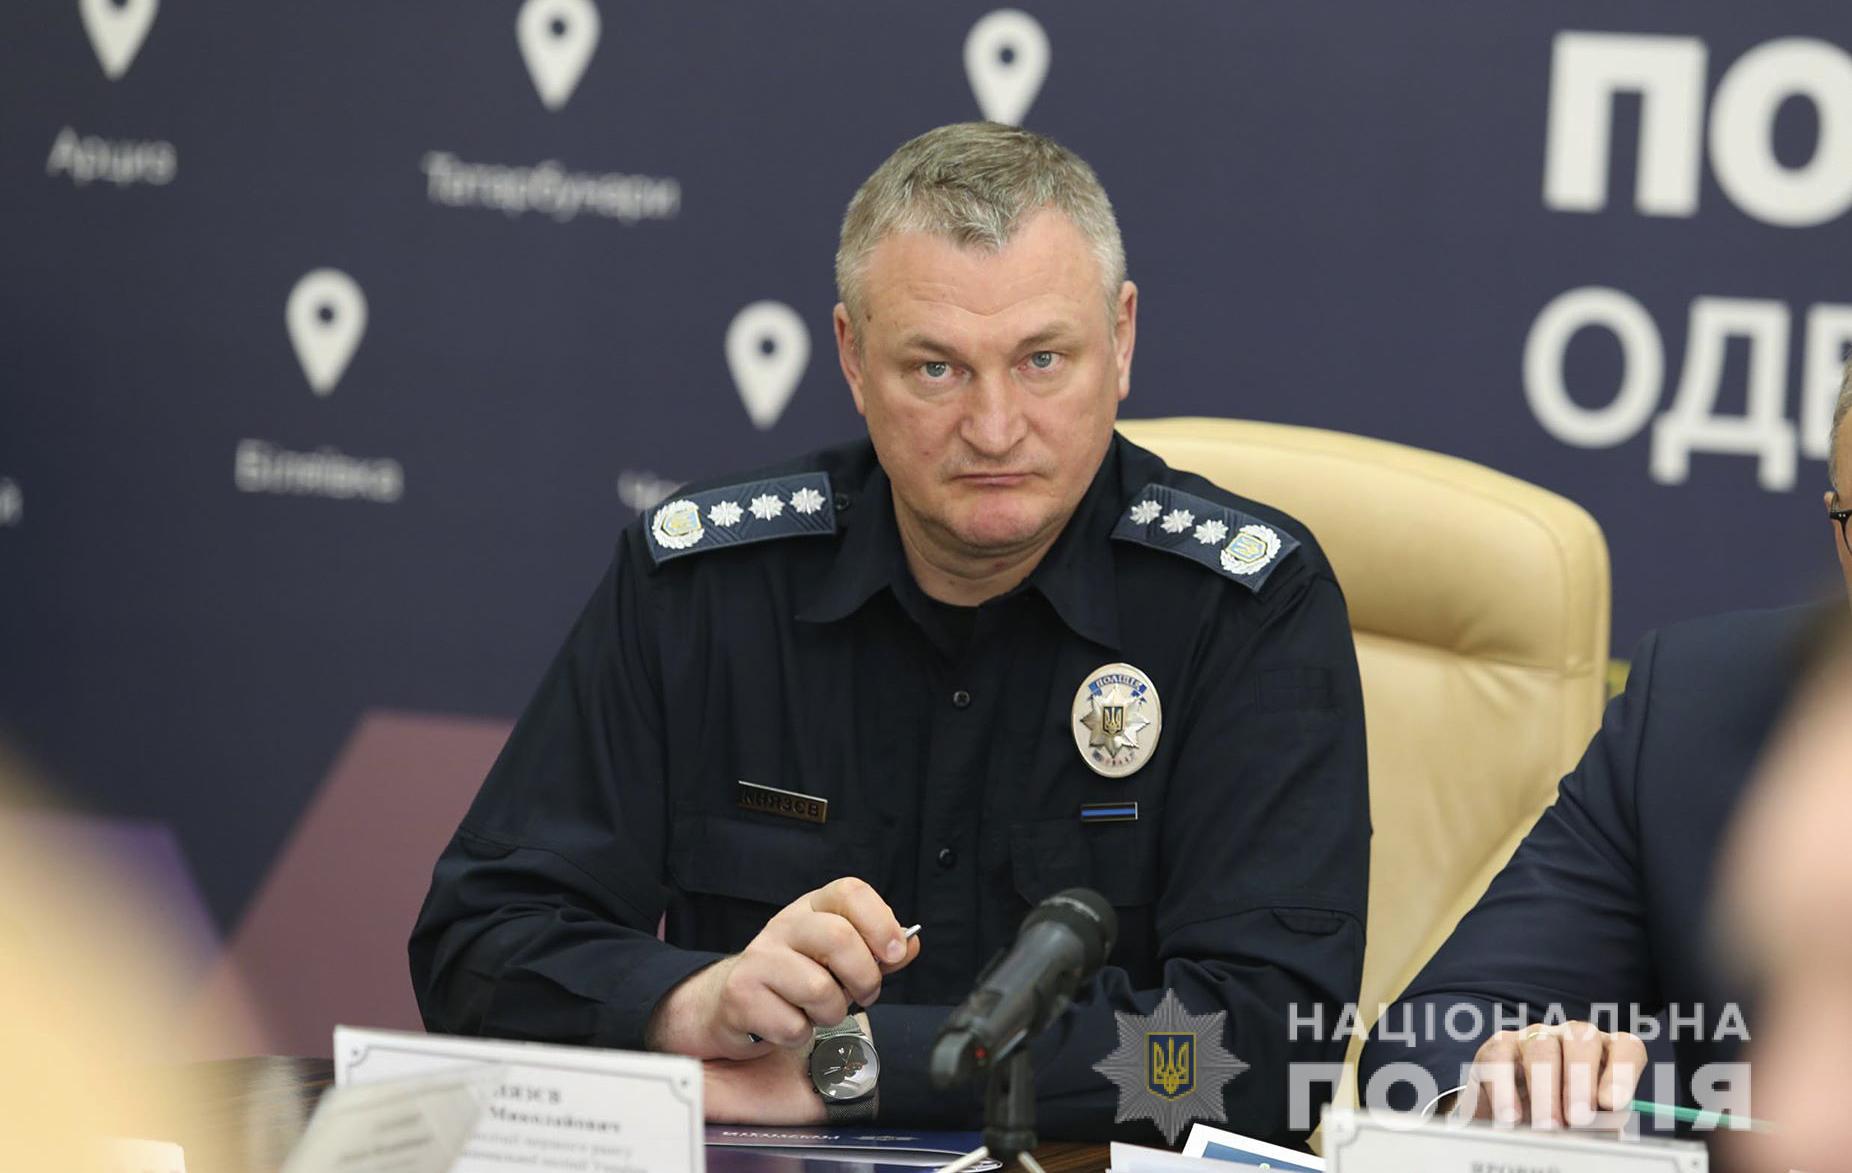 В Одессе официально представили нового руководителя областной полиции